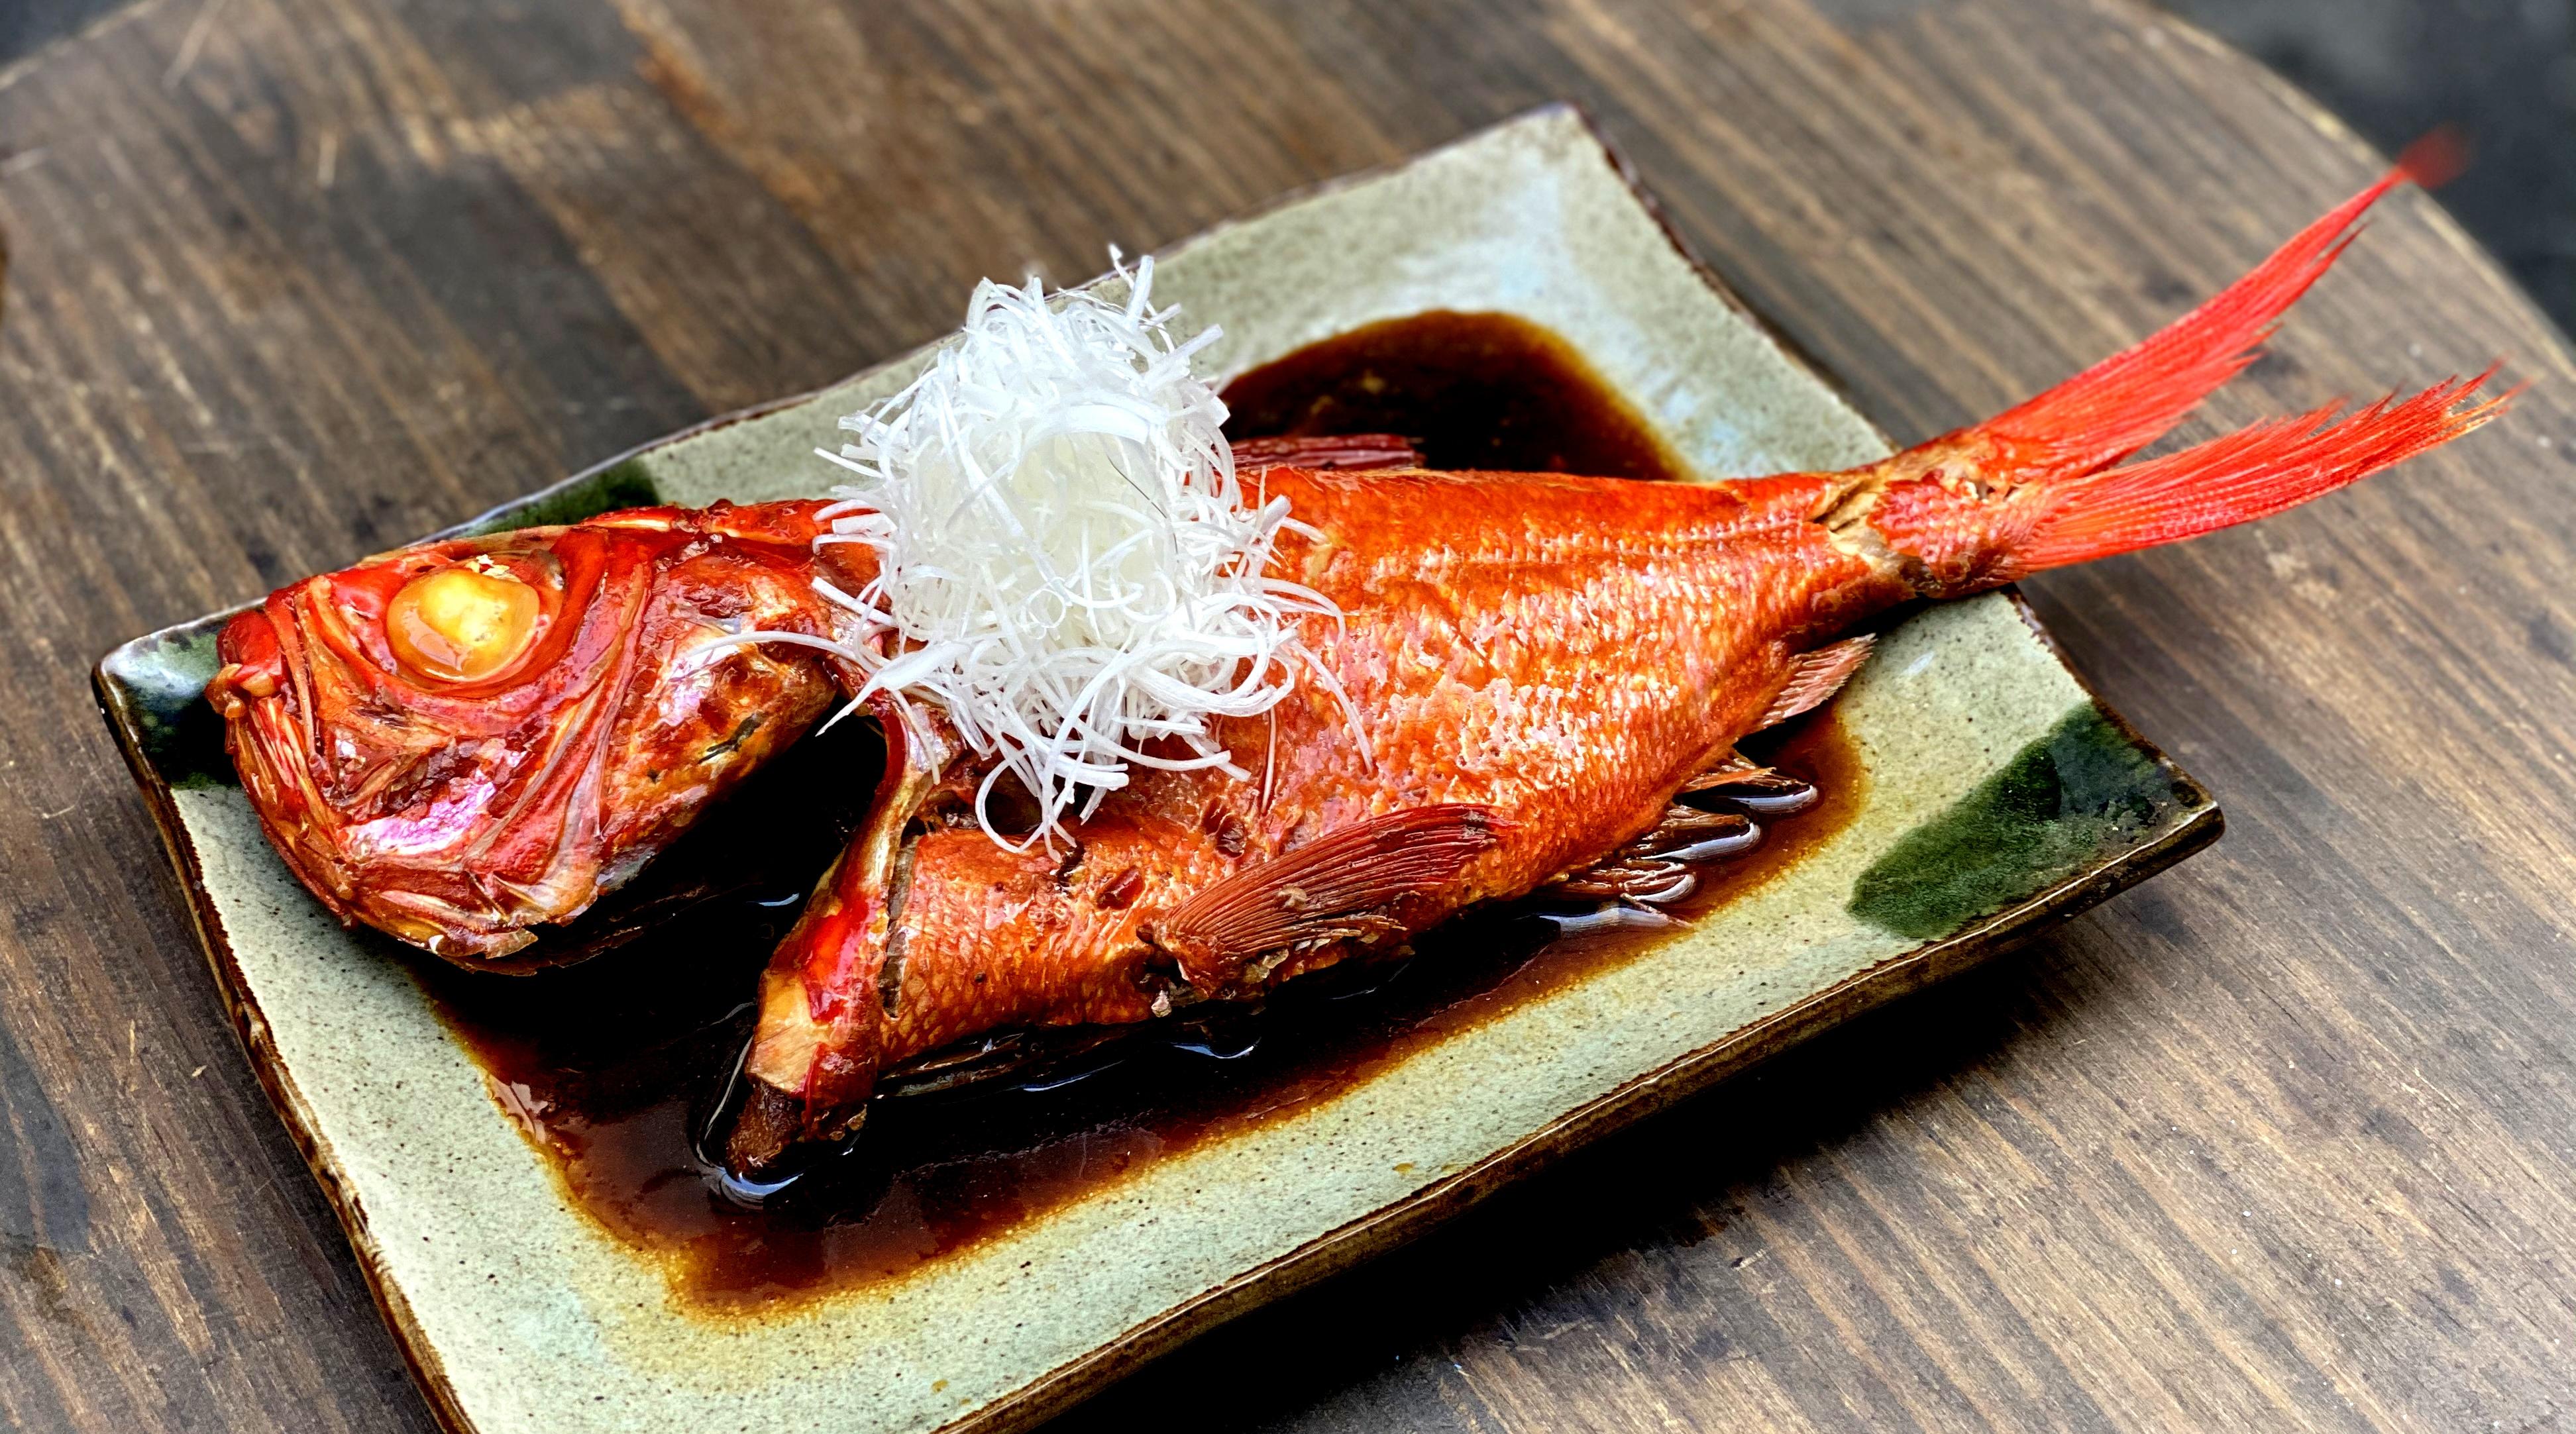 千葉県勝浦産釣り金目鯛で一本煮付けを作るの巻